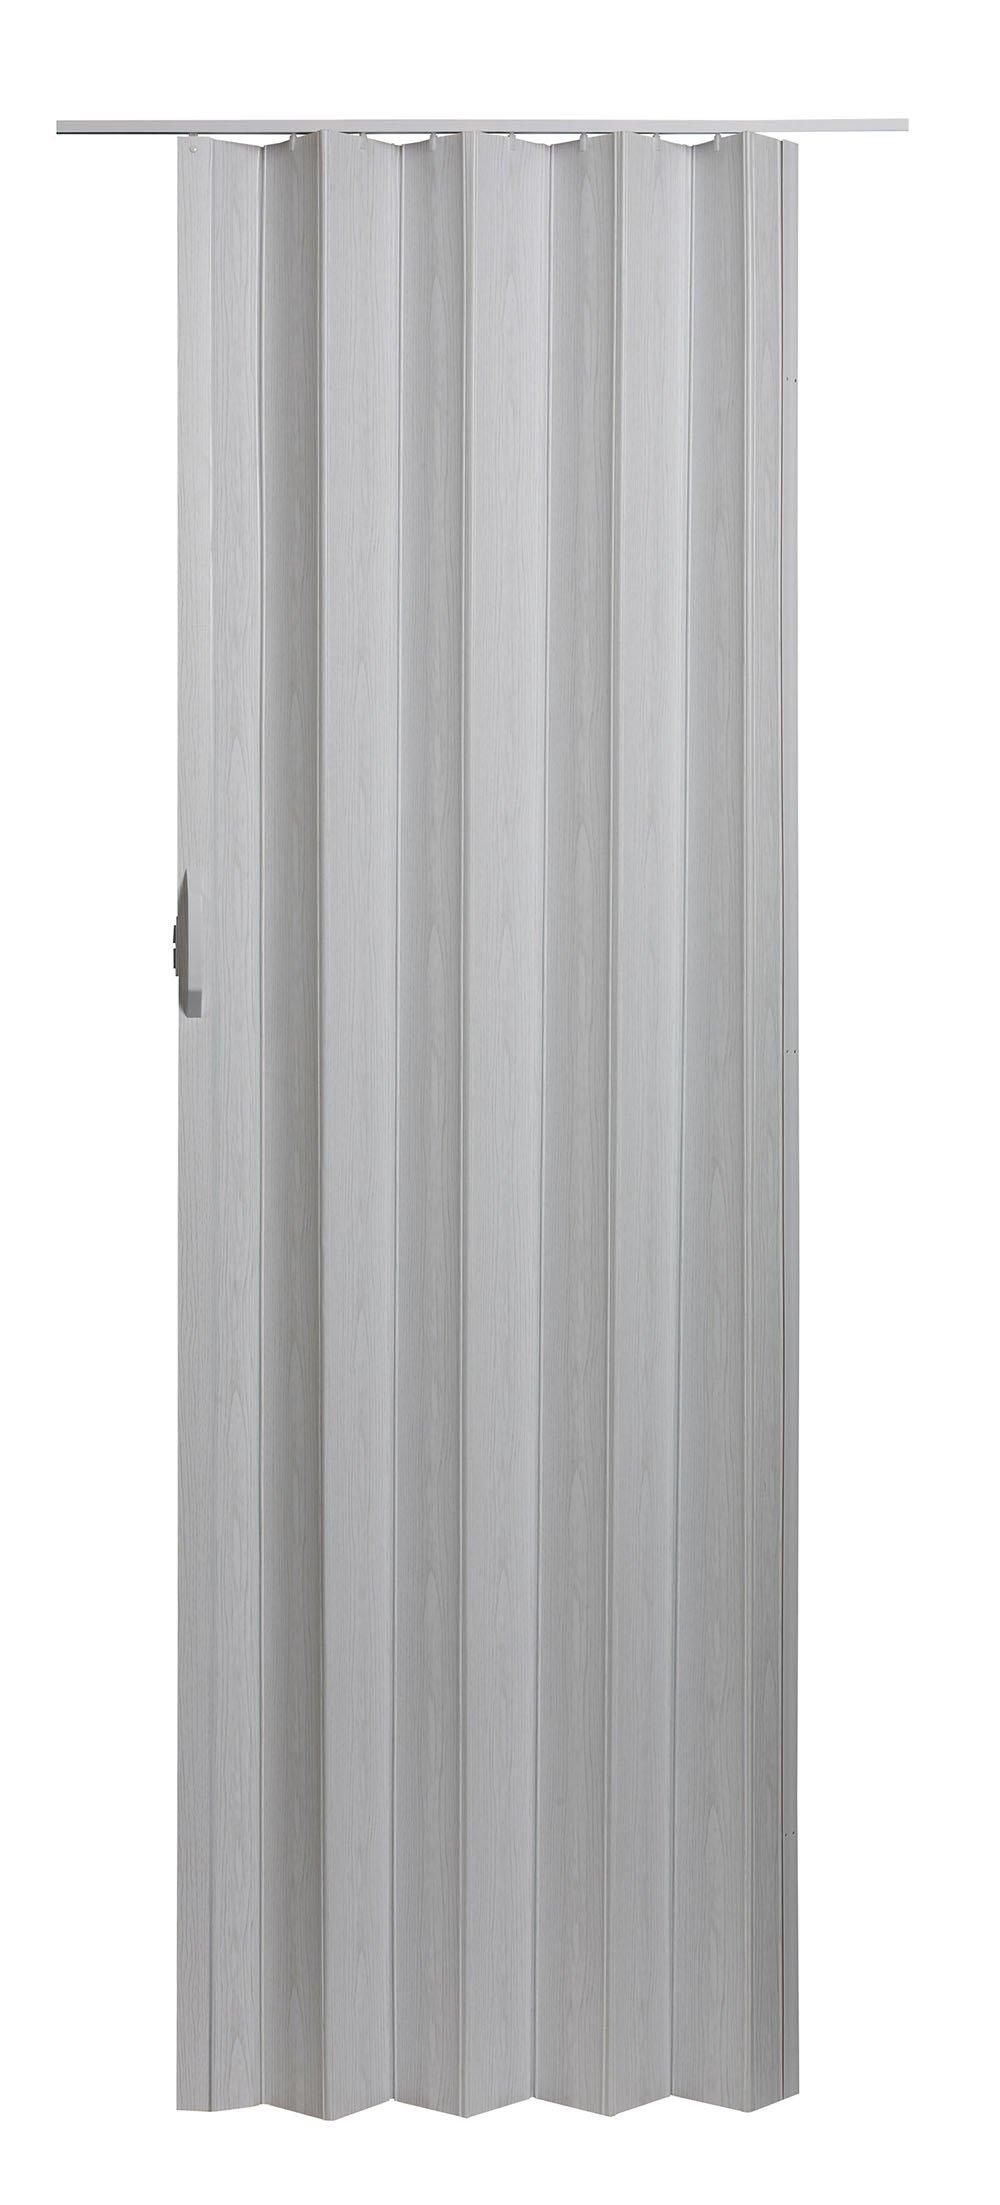 Spectrum VS3280M Via 24'' to 36'' x 80'' Accordion Folding Door, White Mist